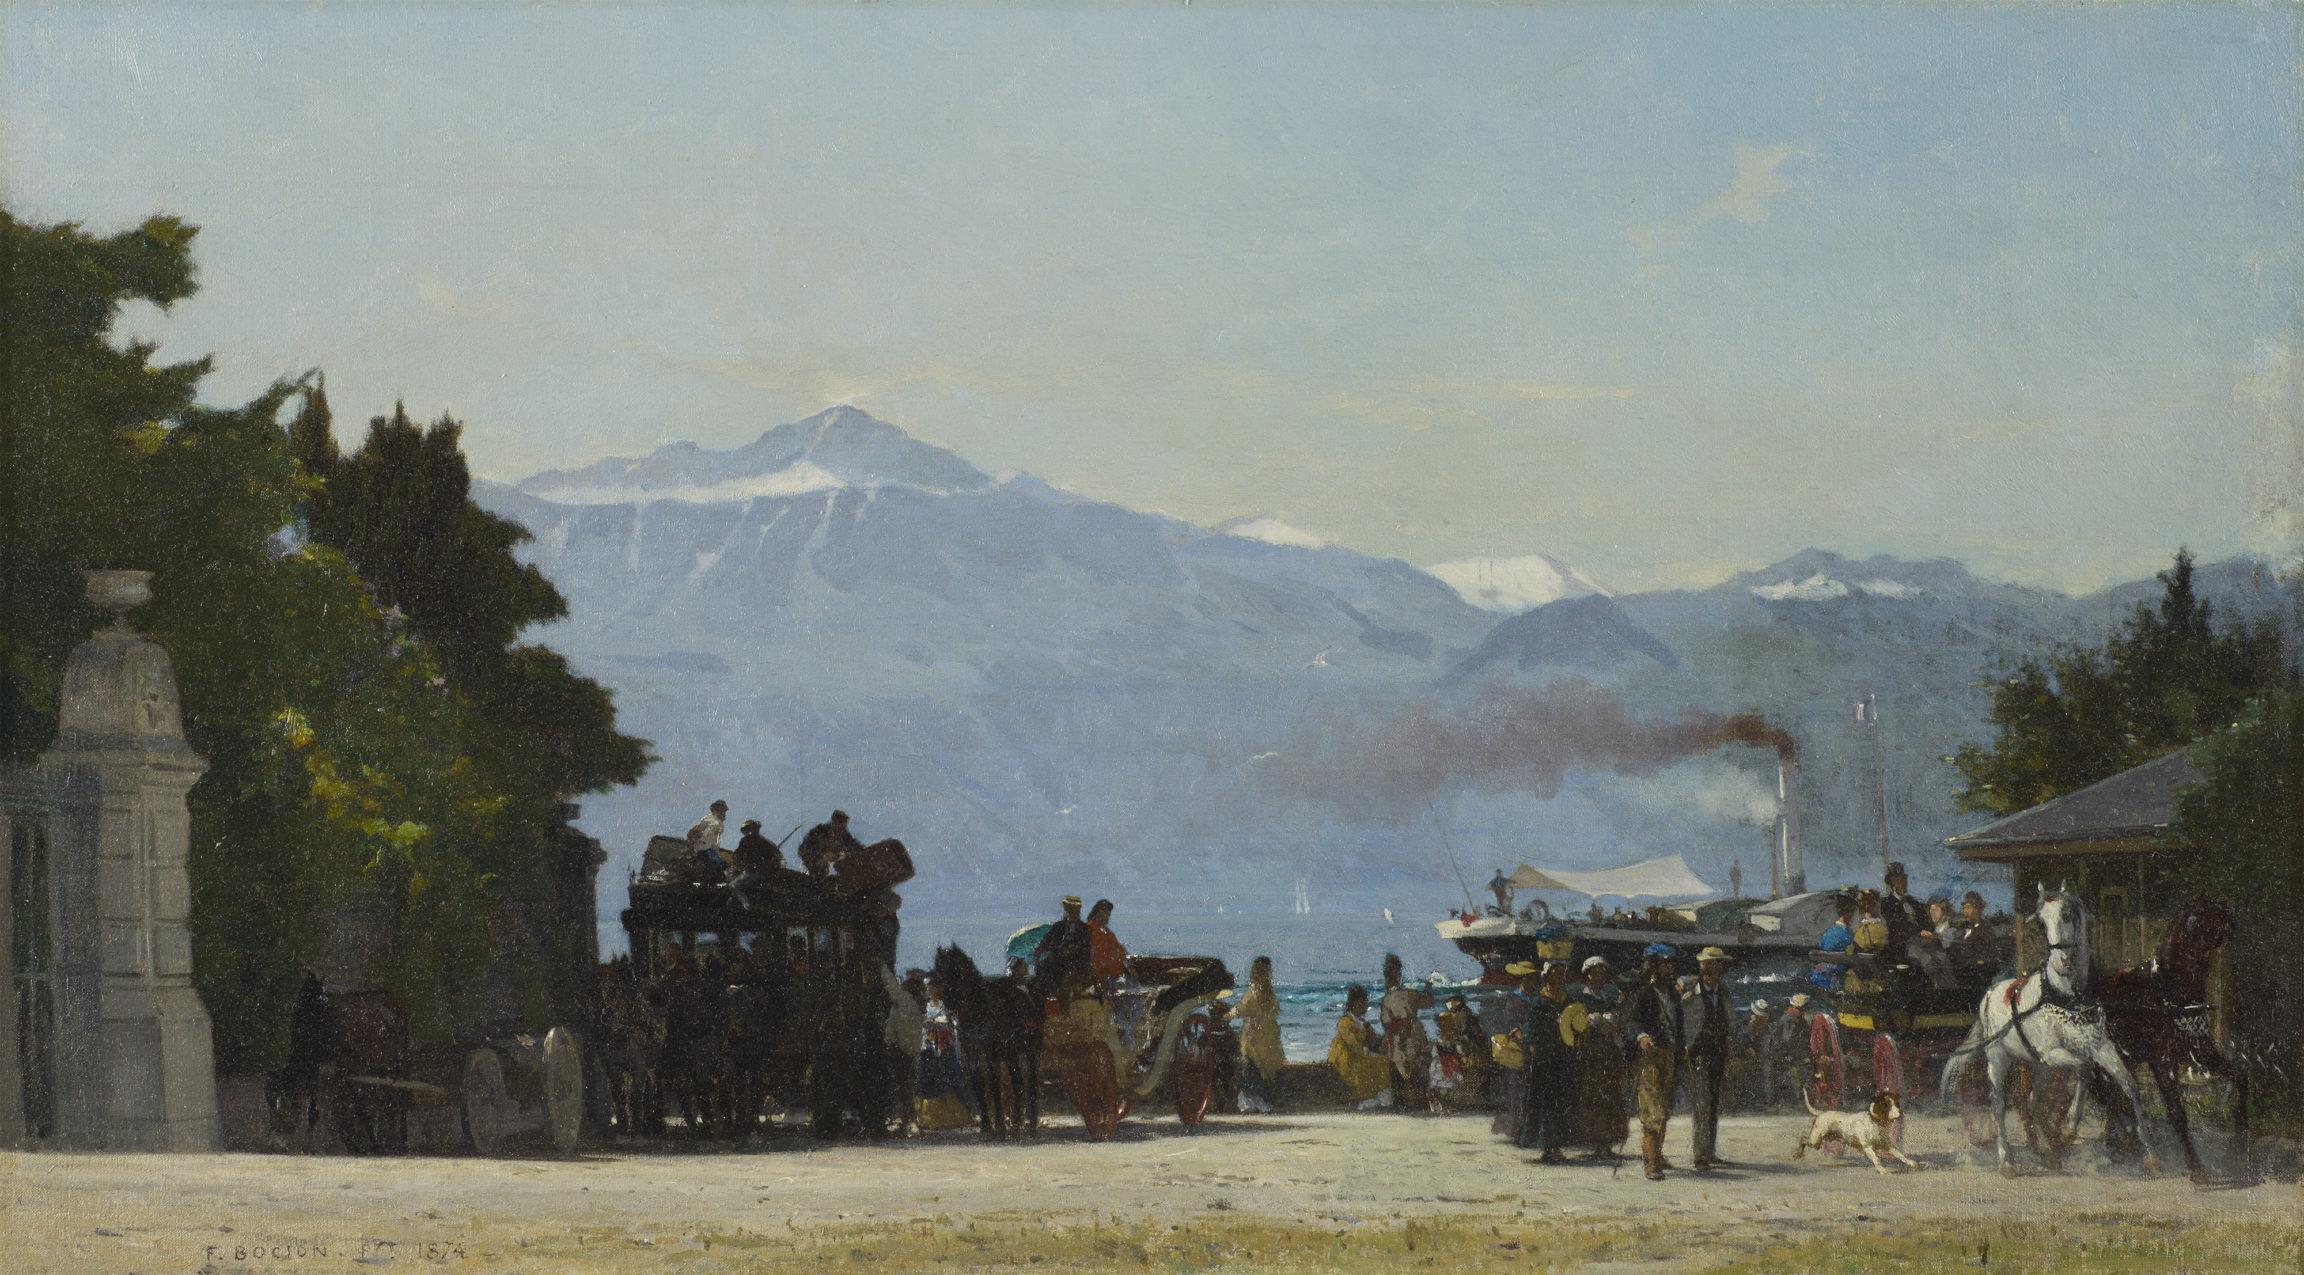 François Bocion, À Ouchy en 1874, 1874